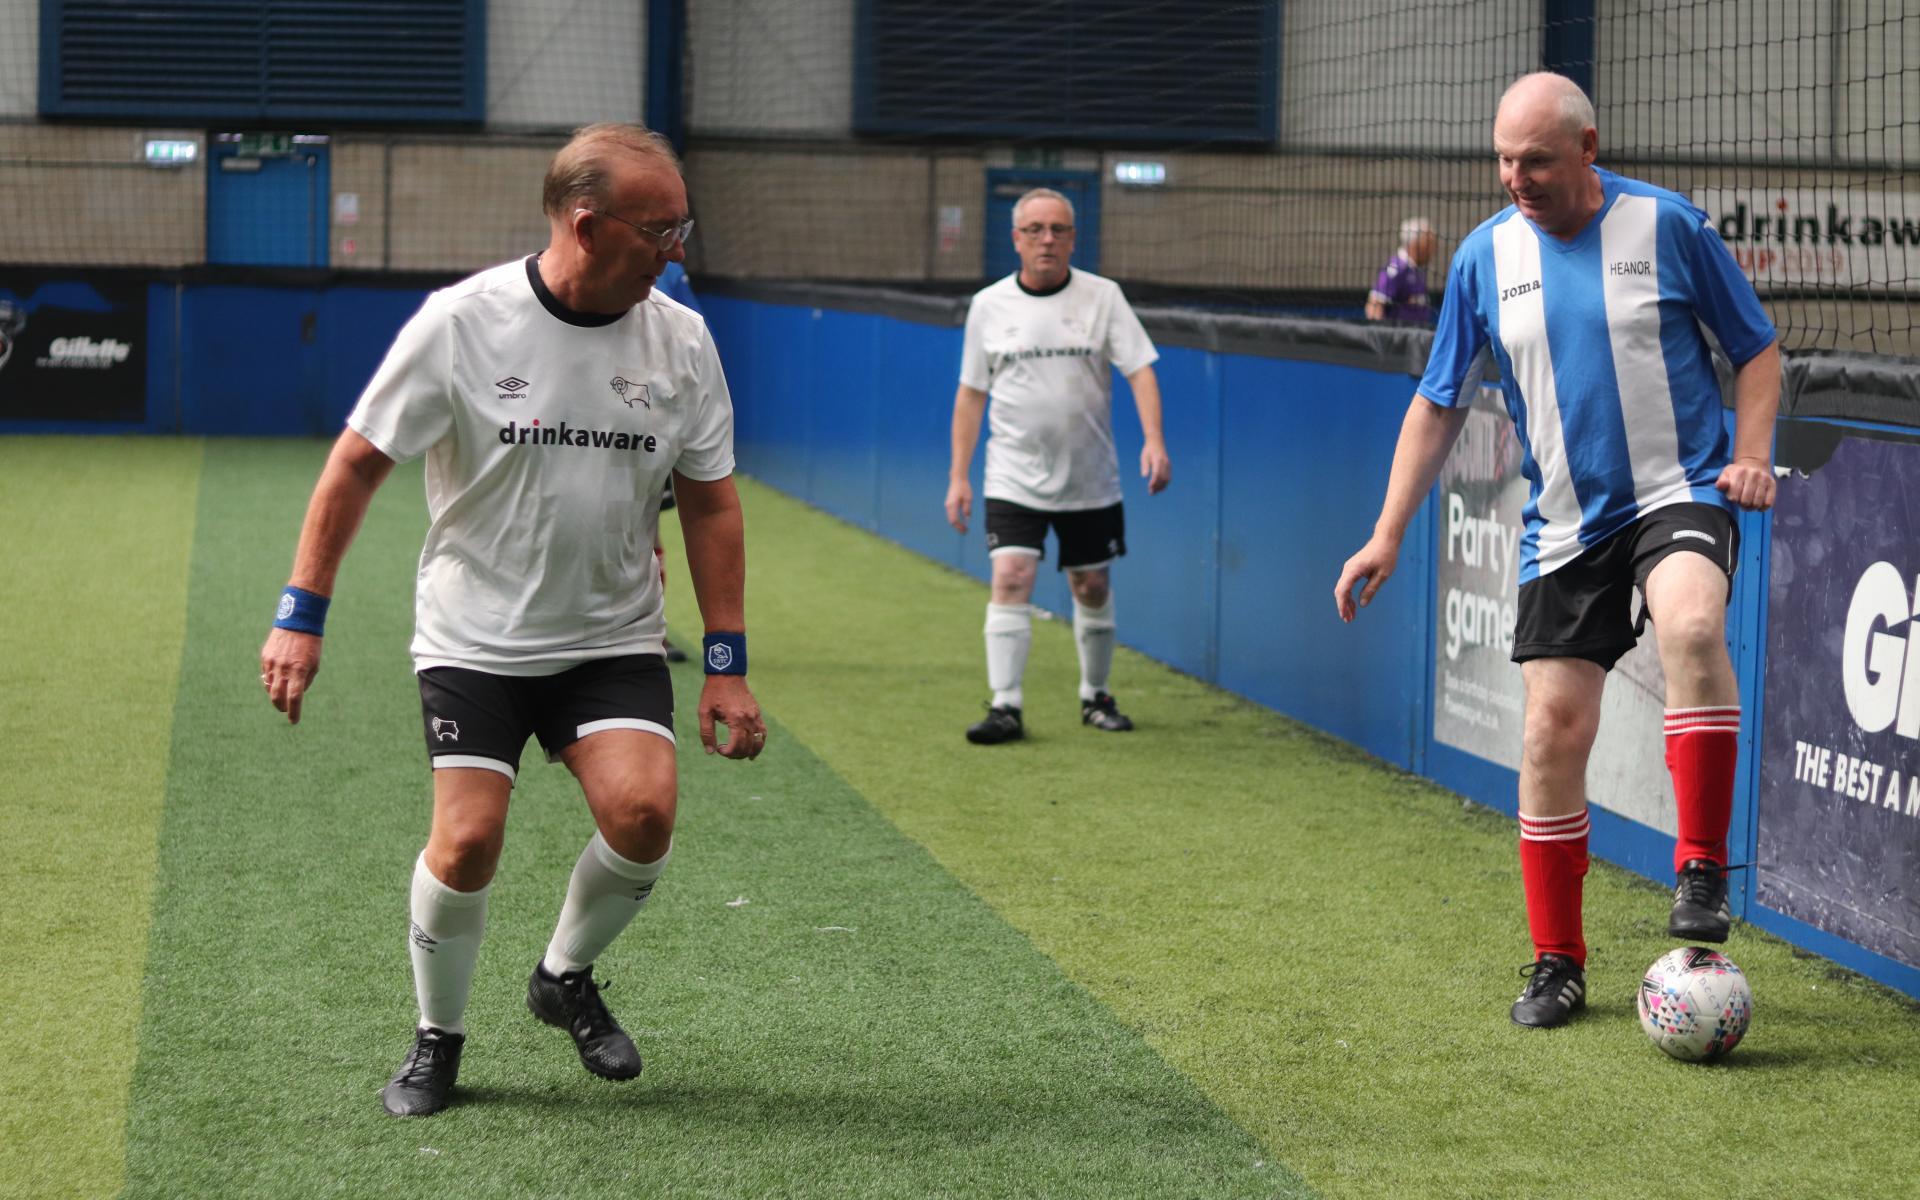 Walking footballers